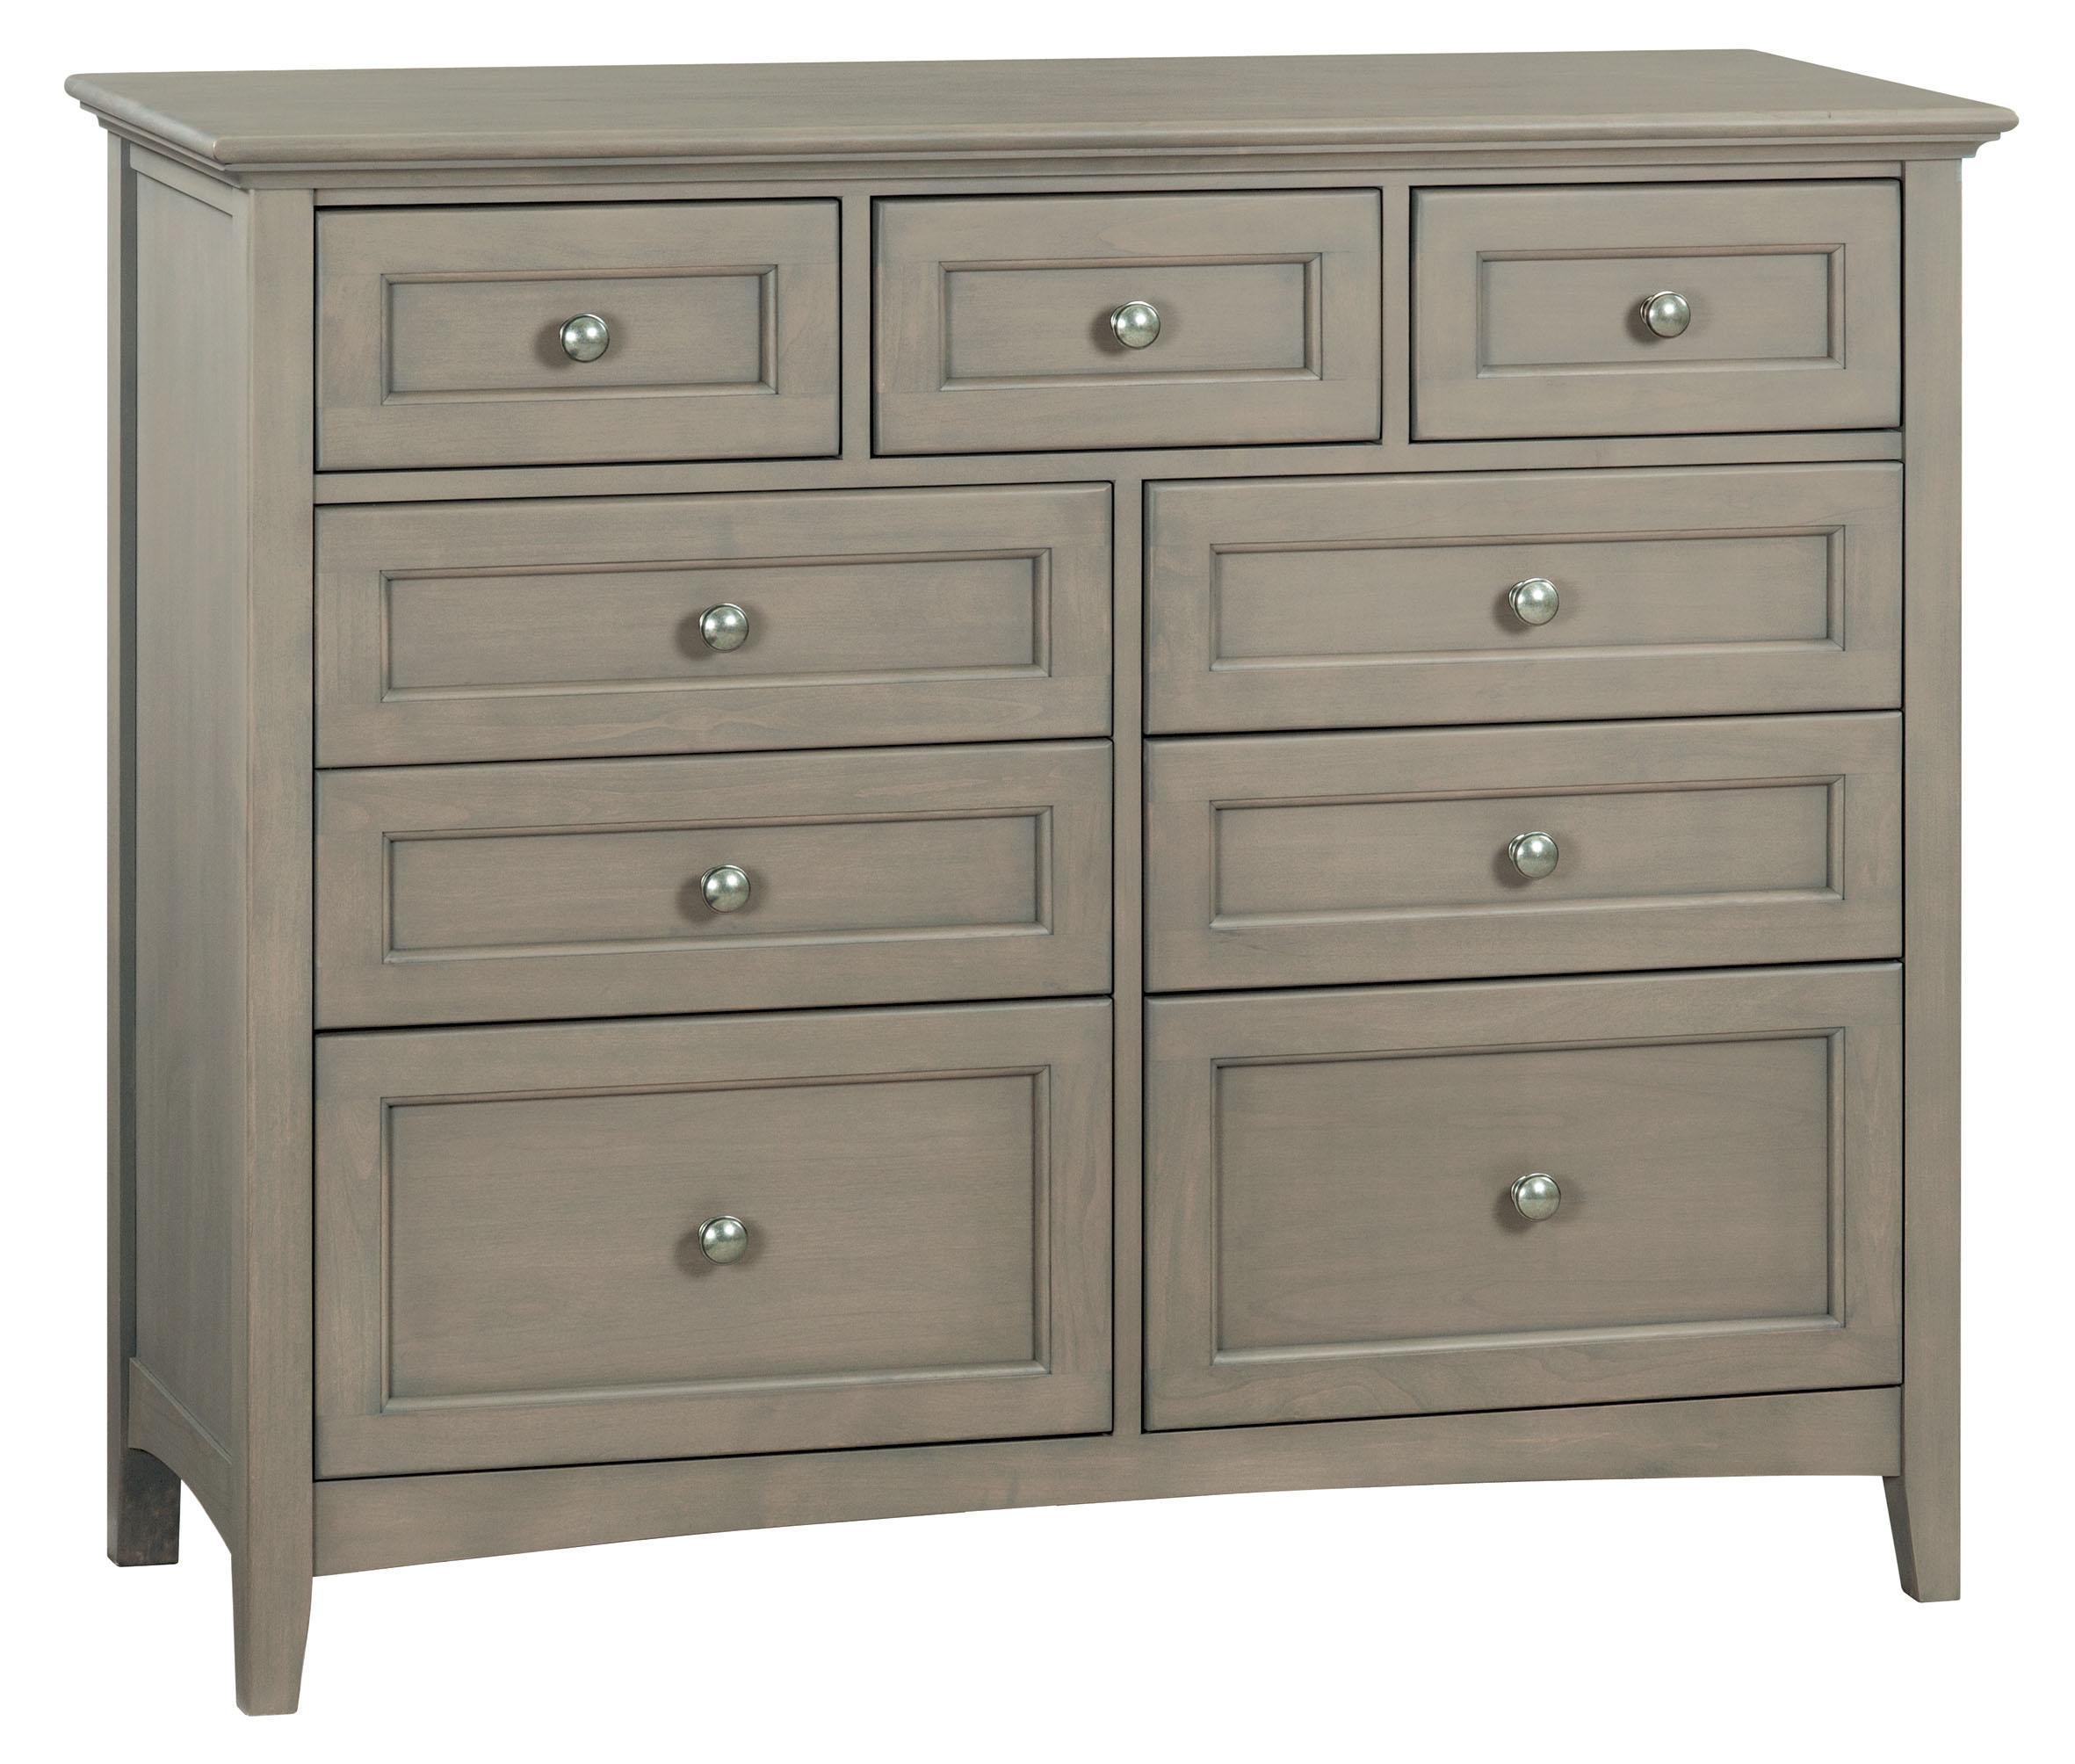 Whittier WoodFst 9-Drawer Mckenzie Dresser